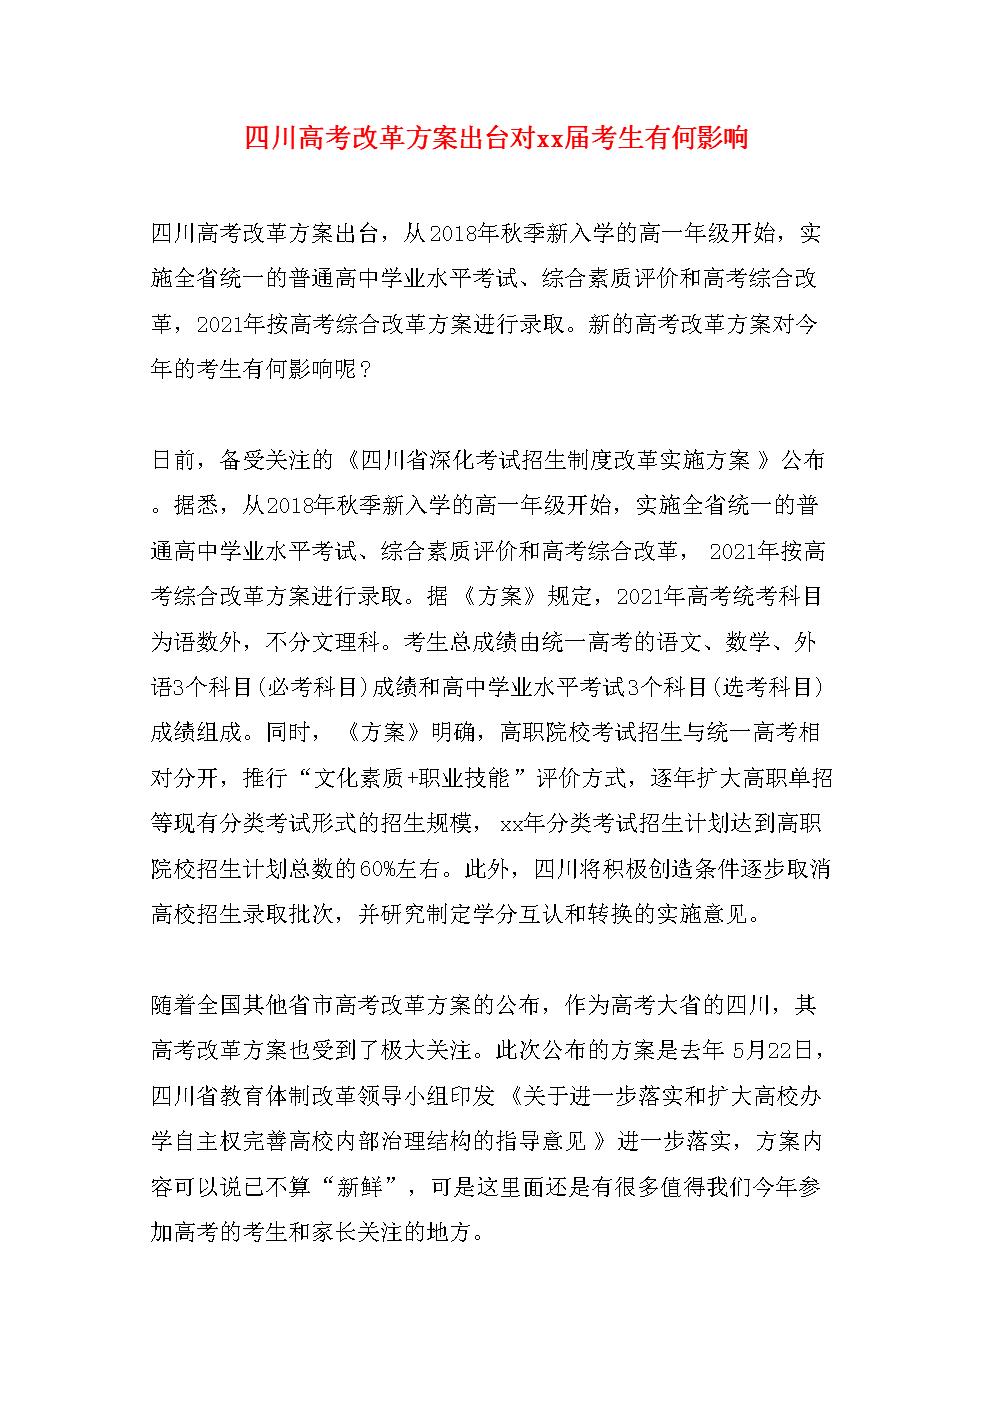 四川高考改革方案出台对xx届考生有何影响.doc